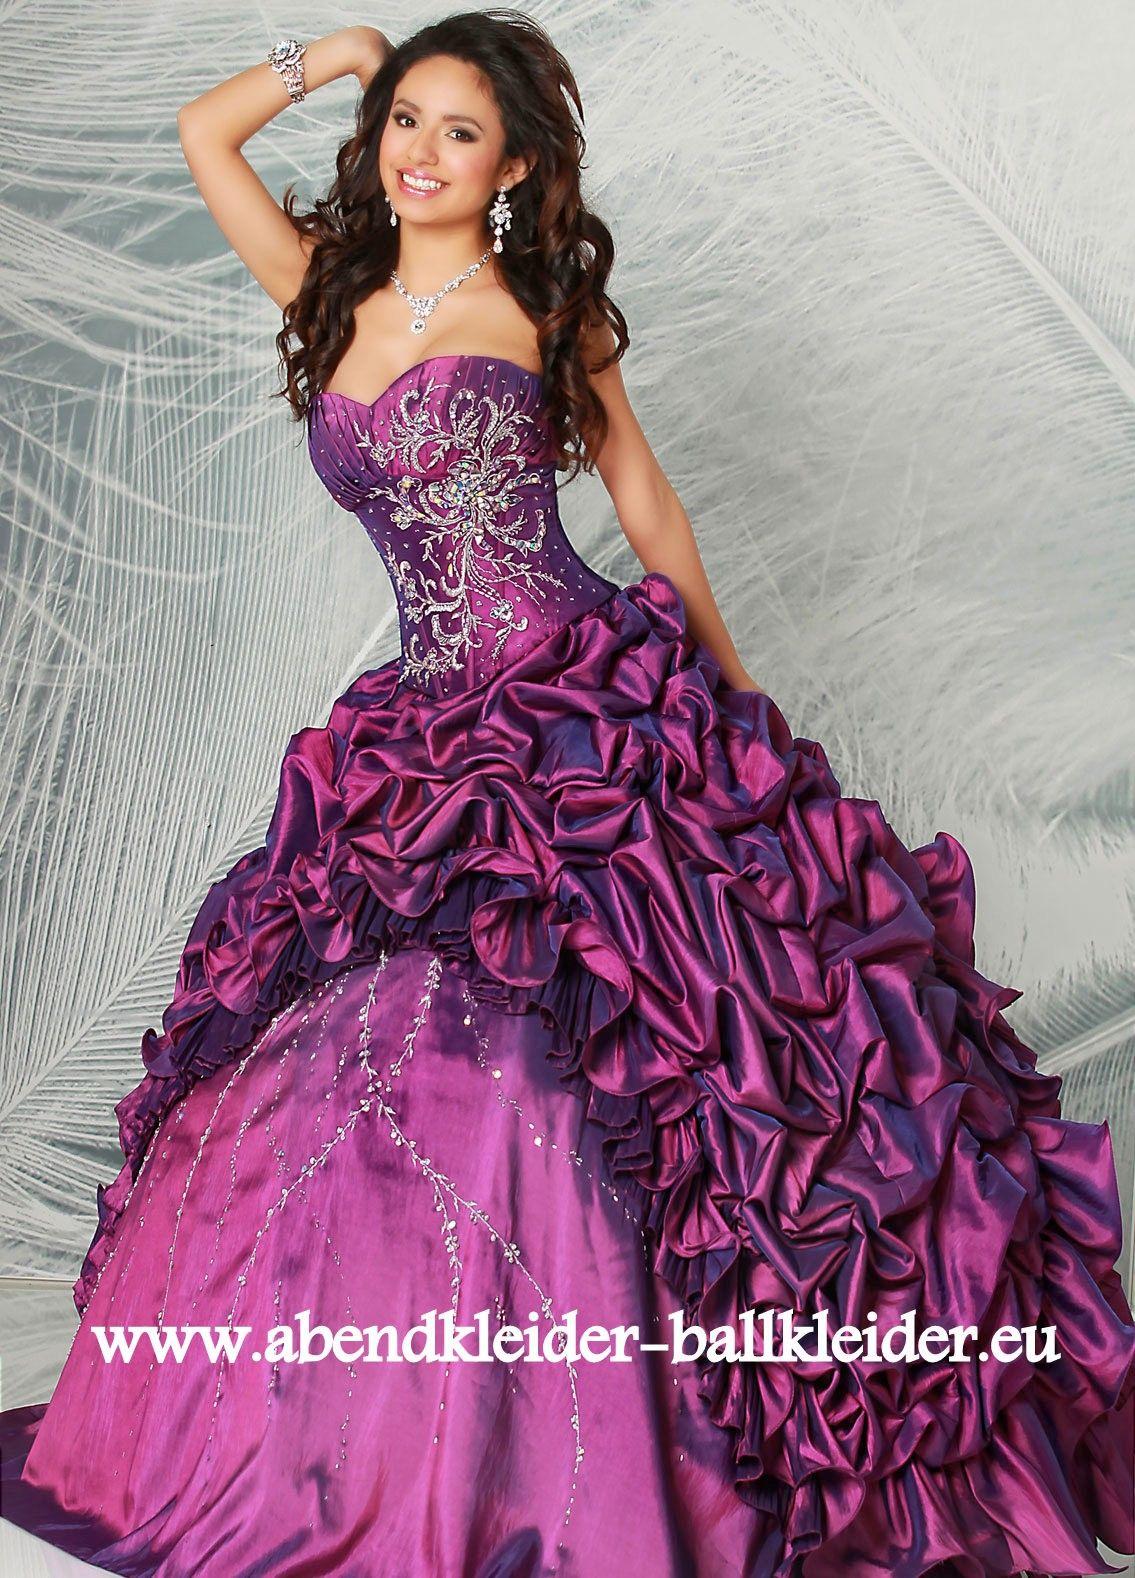 Cinderella Abendkleid Ballkleid Online in Lila  Kleider, Schöne